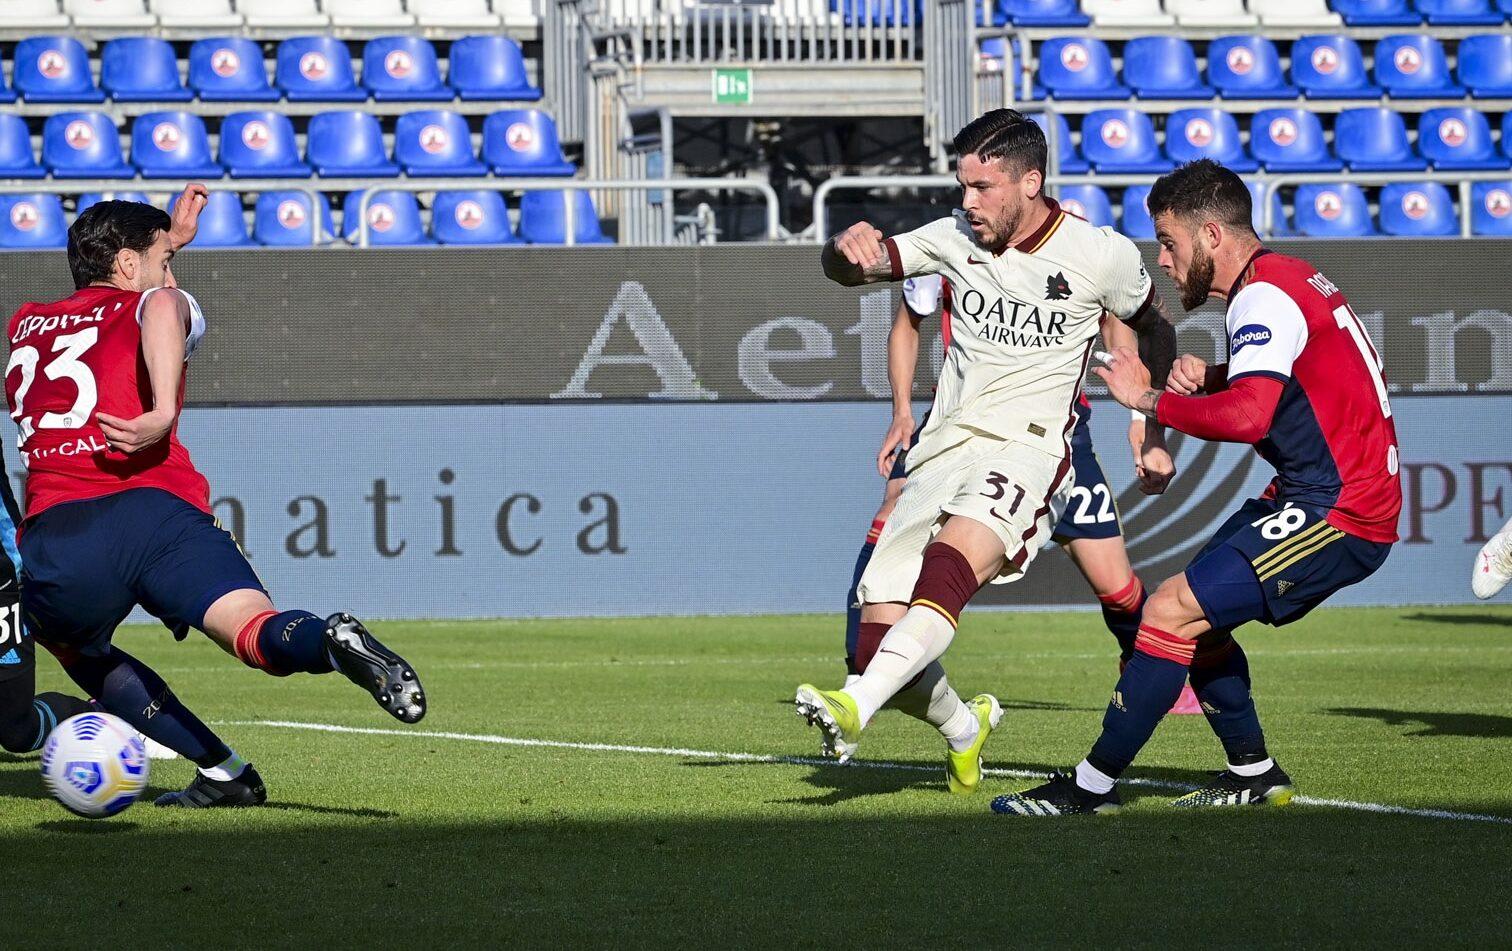 Migliori e peggiori in Cagliari-Roma: si salva Perez, irriconoscibile Villar